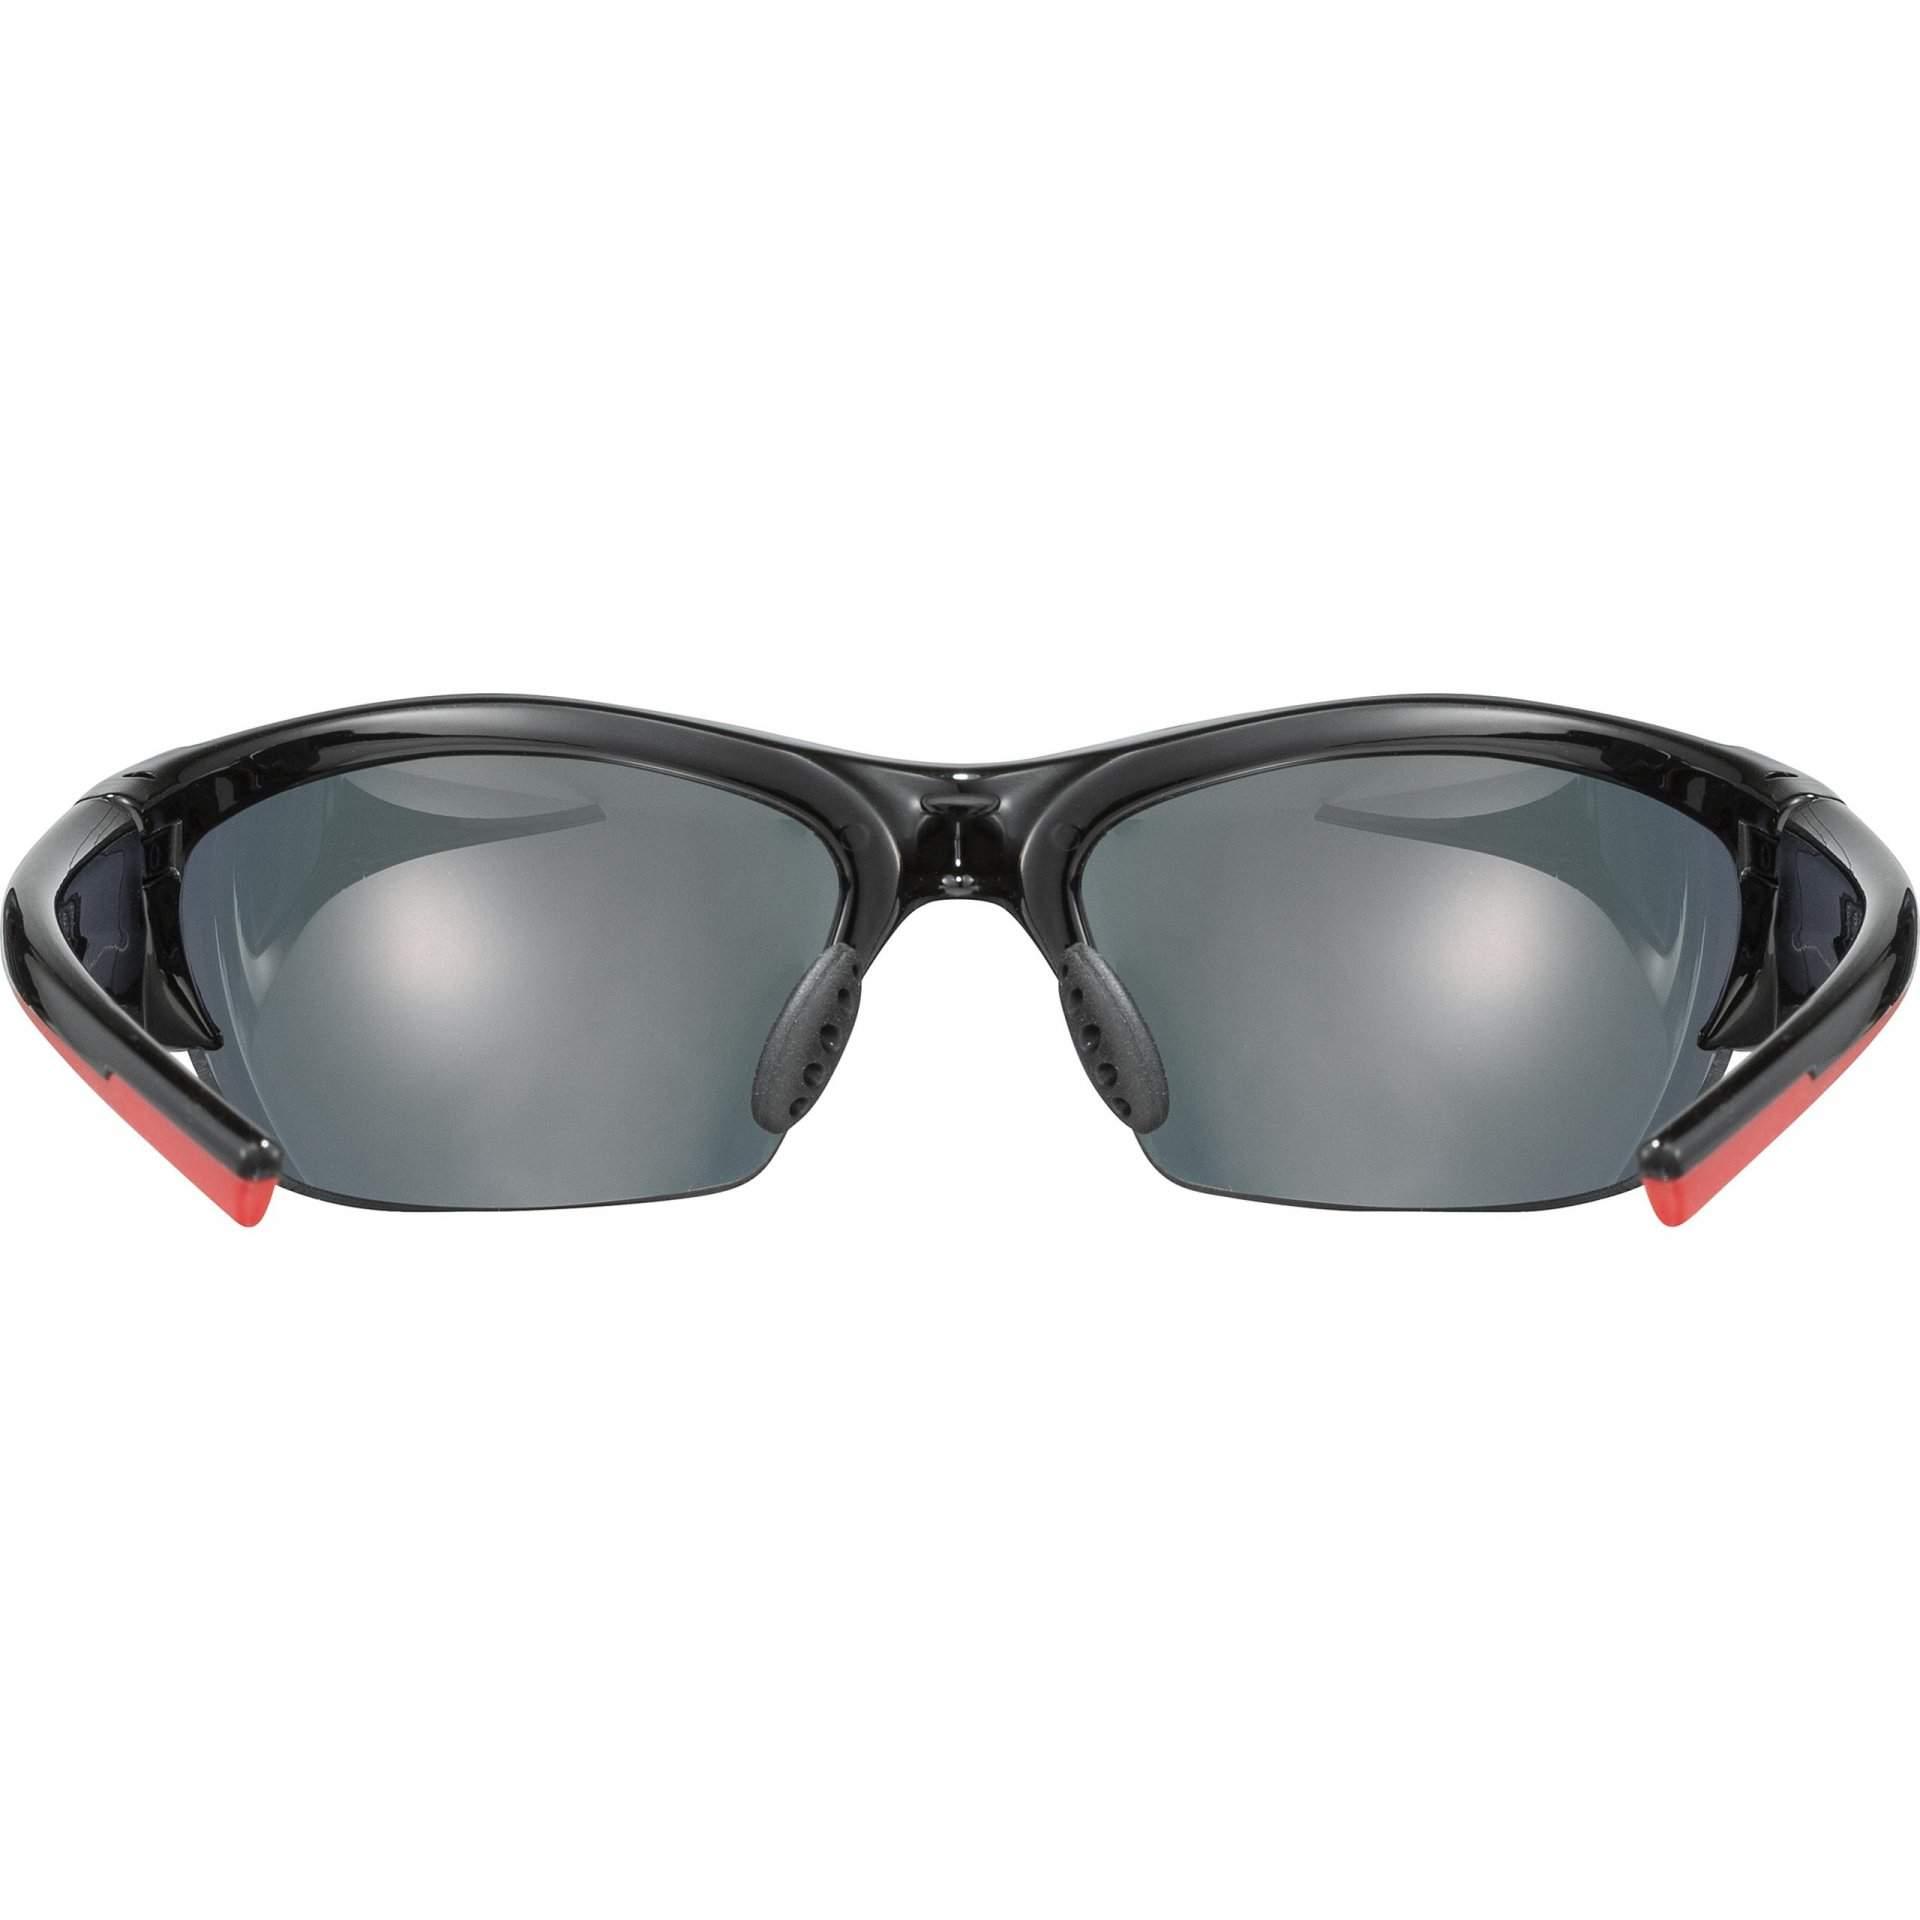 OKULARY UVEX BLAZE III 53|2|046|2316 BLACK RED W ŚRODKU